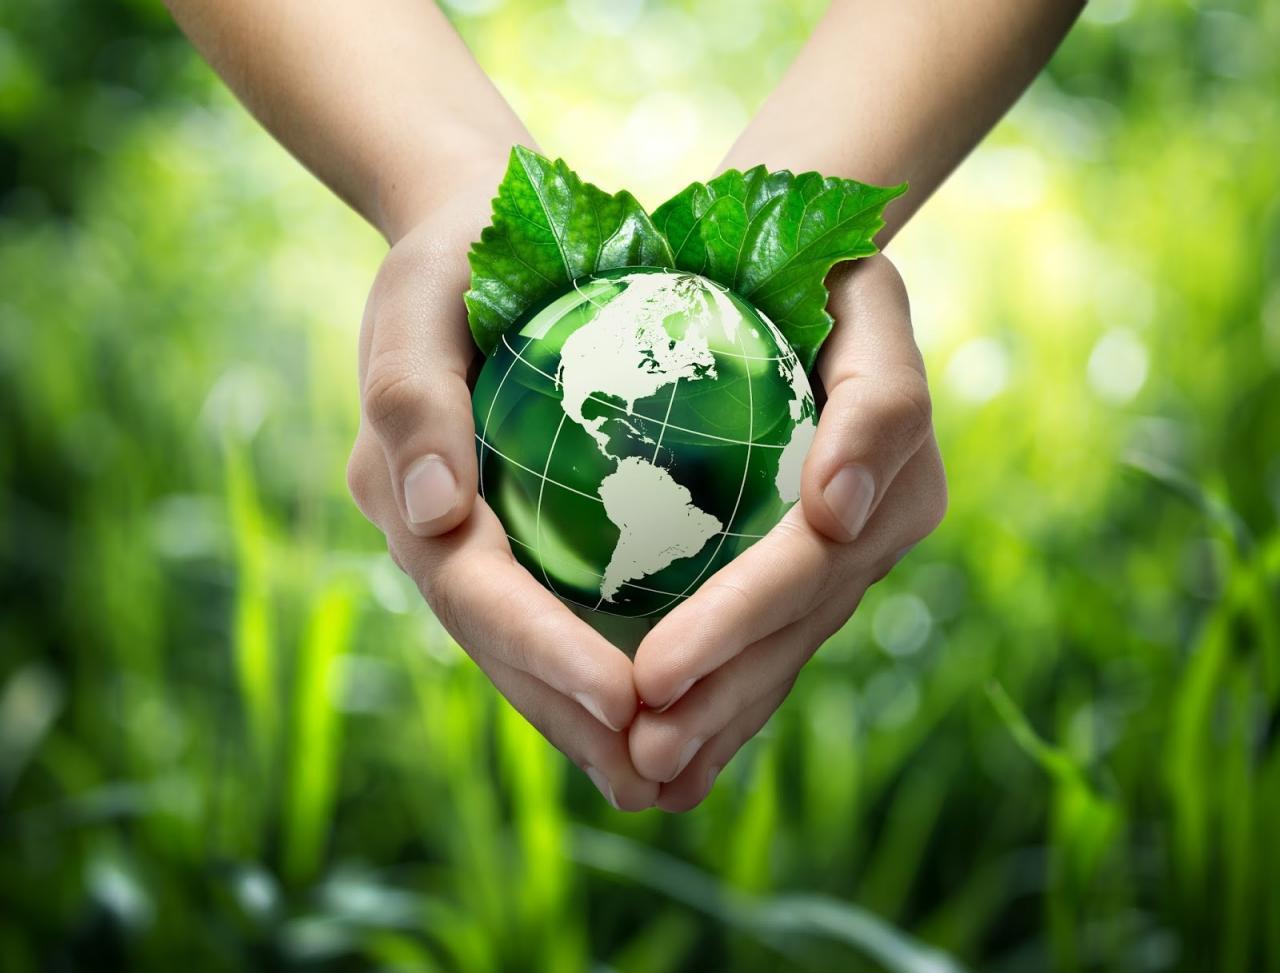 صورة بحث عن البيئة وكيفية الحفاظ عليها، لا بد أن نحافظ عليها